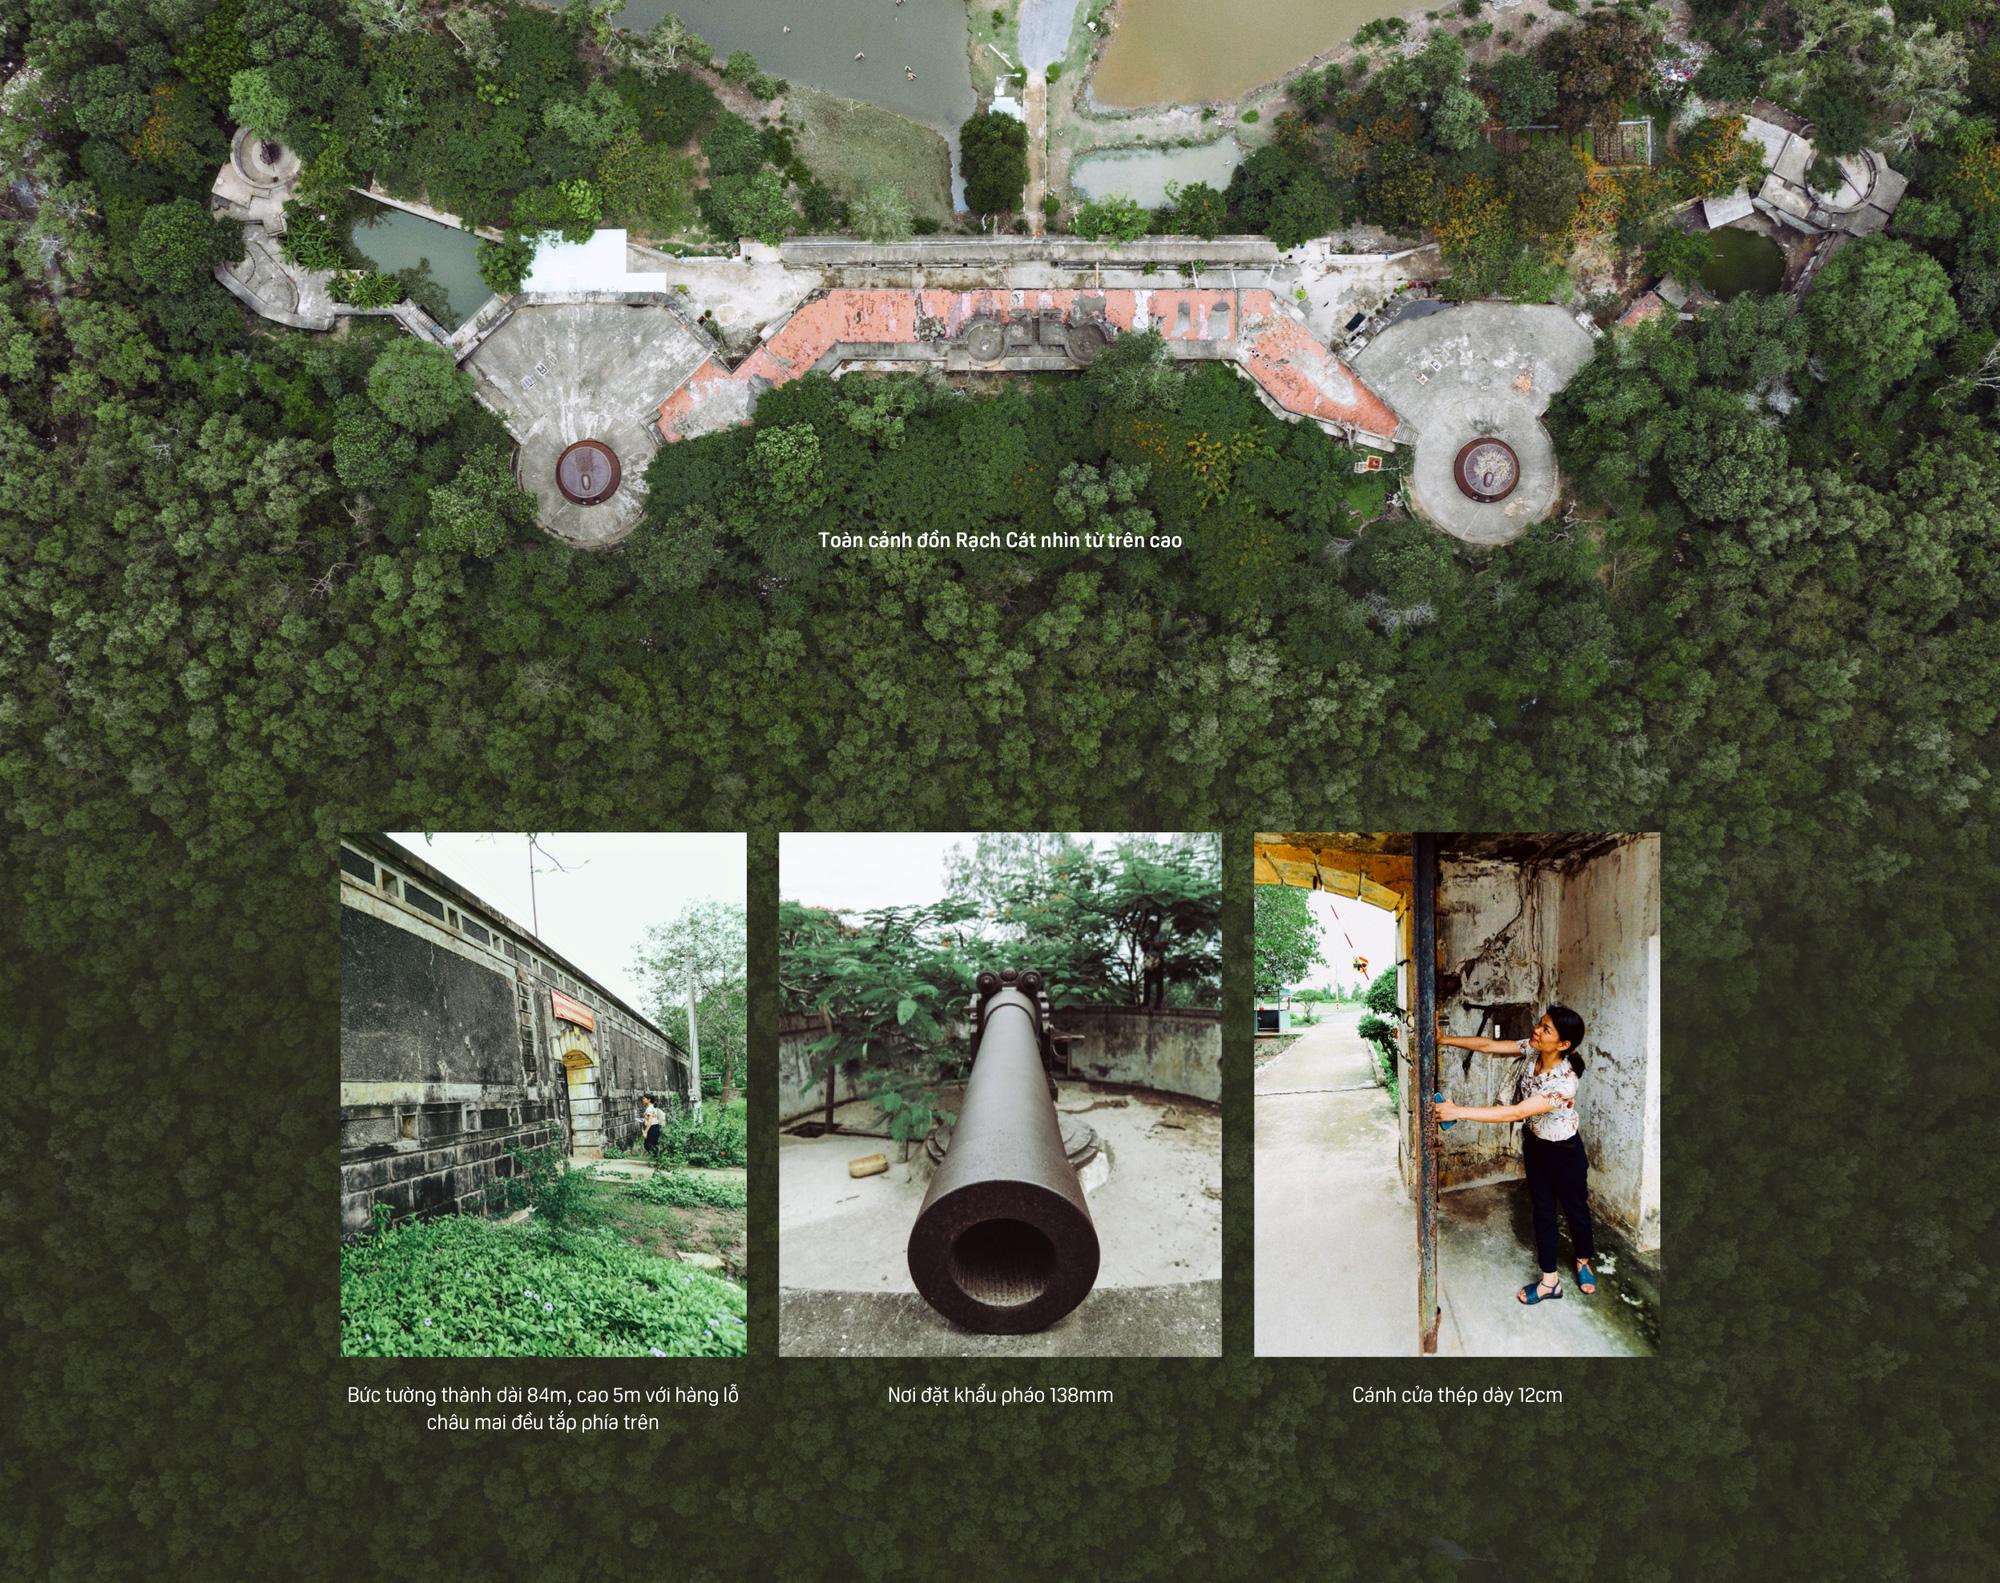 Bên trong Đồn Rạch Cát - pháo đài lớn nhất Đông Dương - Ảnh 12.